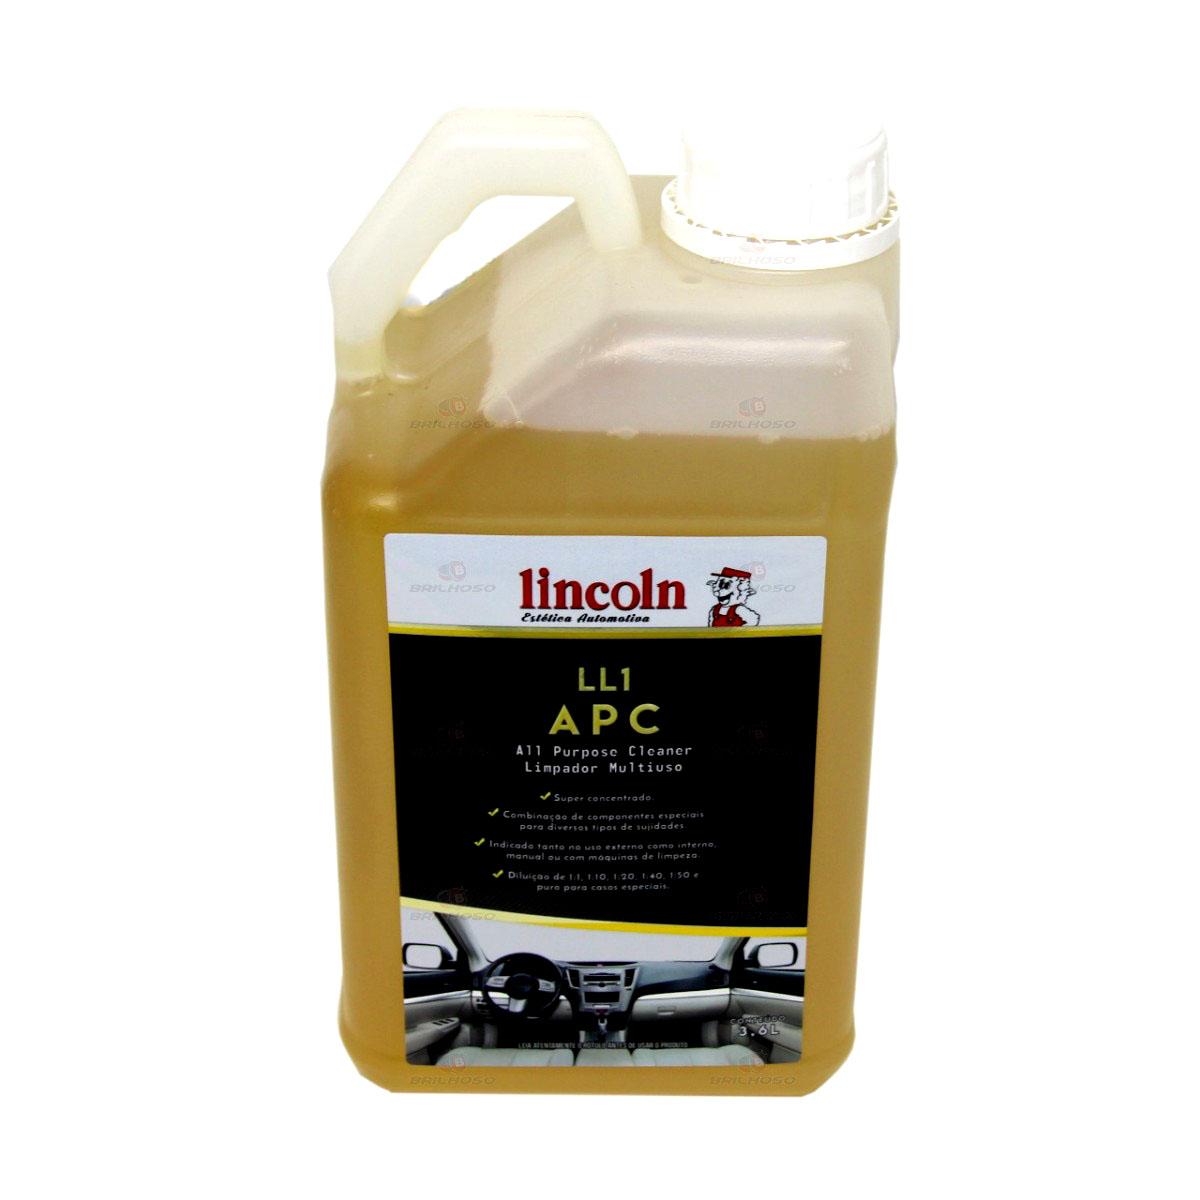 LIMPADOR MULTIUSO CONCENTRADO 3.6 - L LL1 APC - LINCOLN